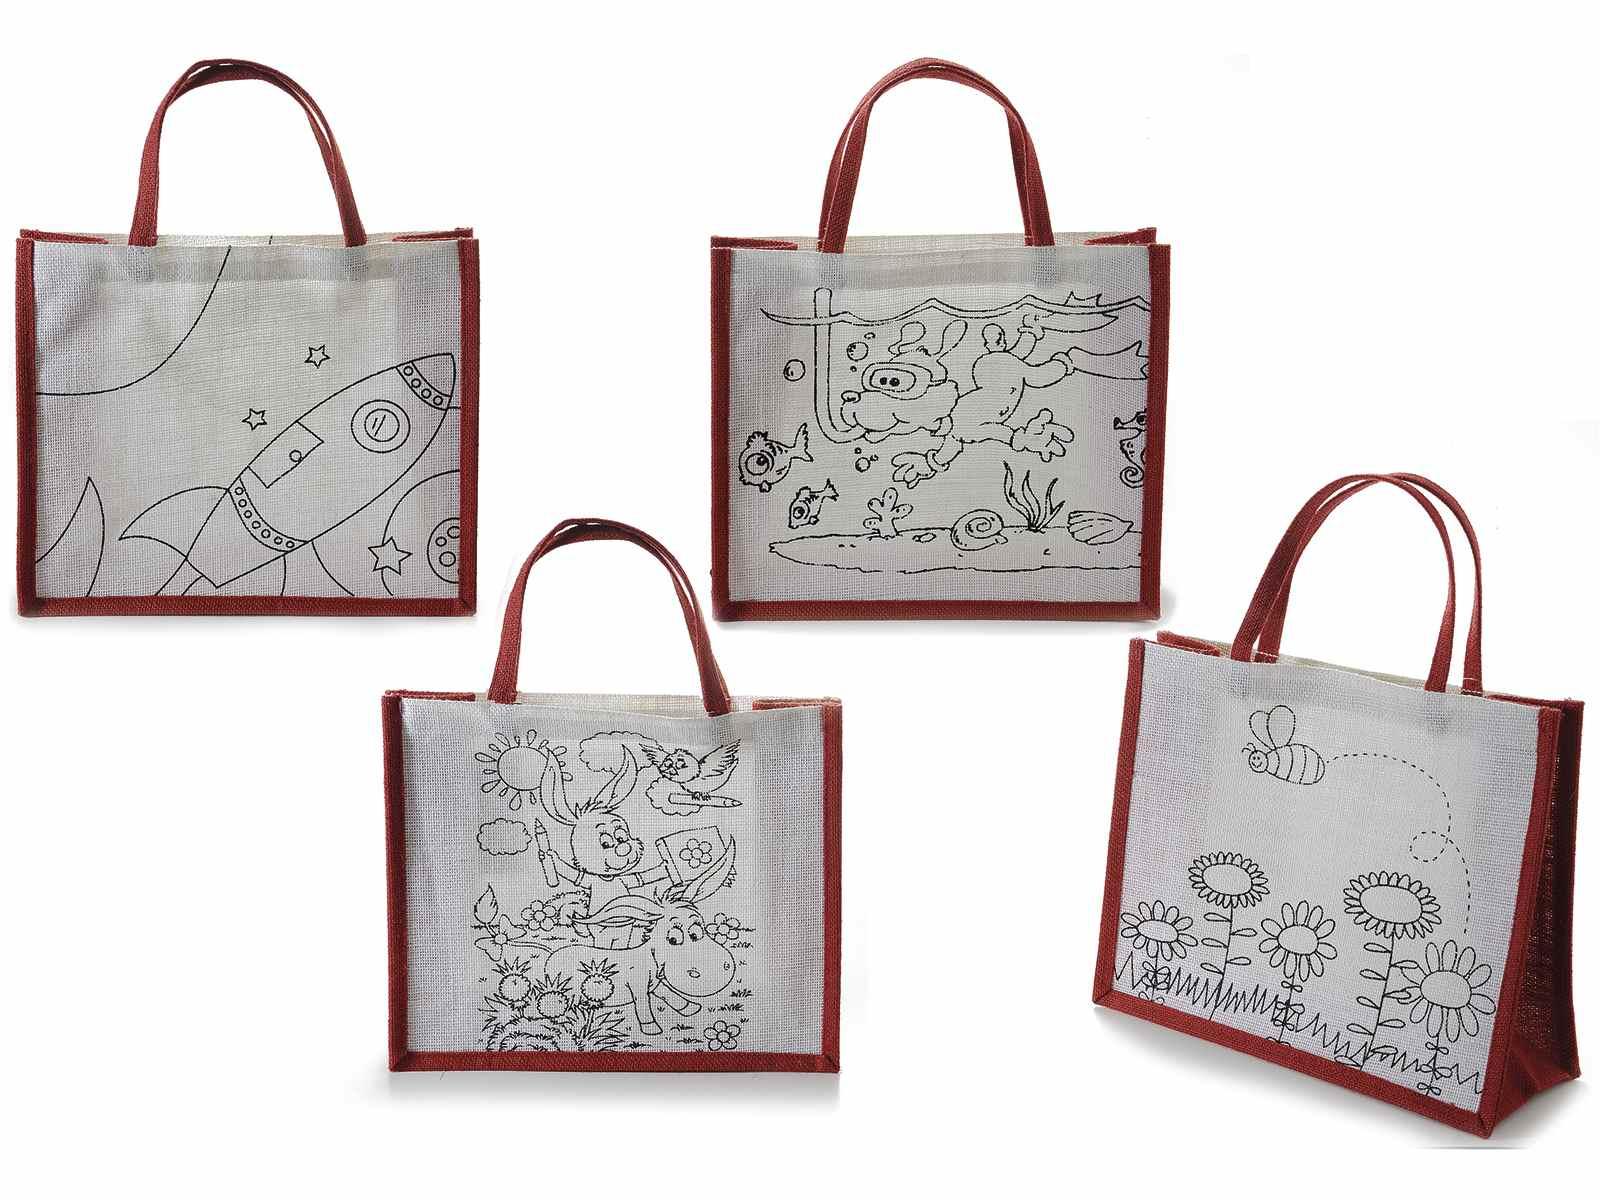 Disegno Bagno Da Colorare : Borsa in juta con disegni da colorare art from italy